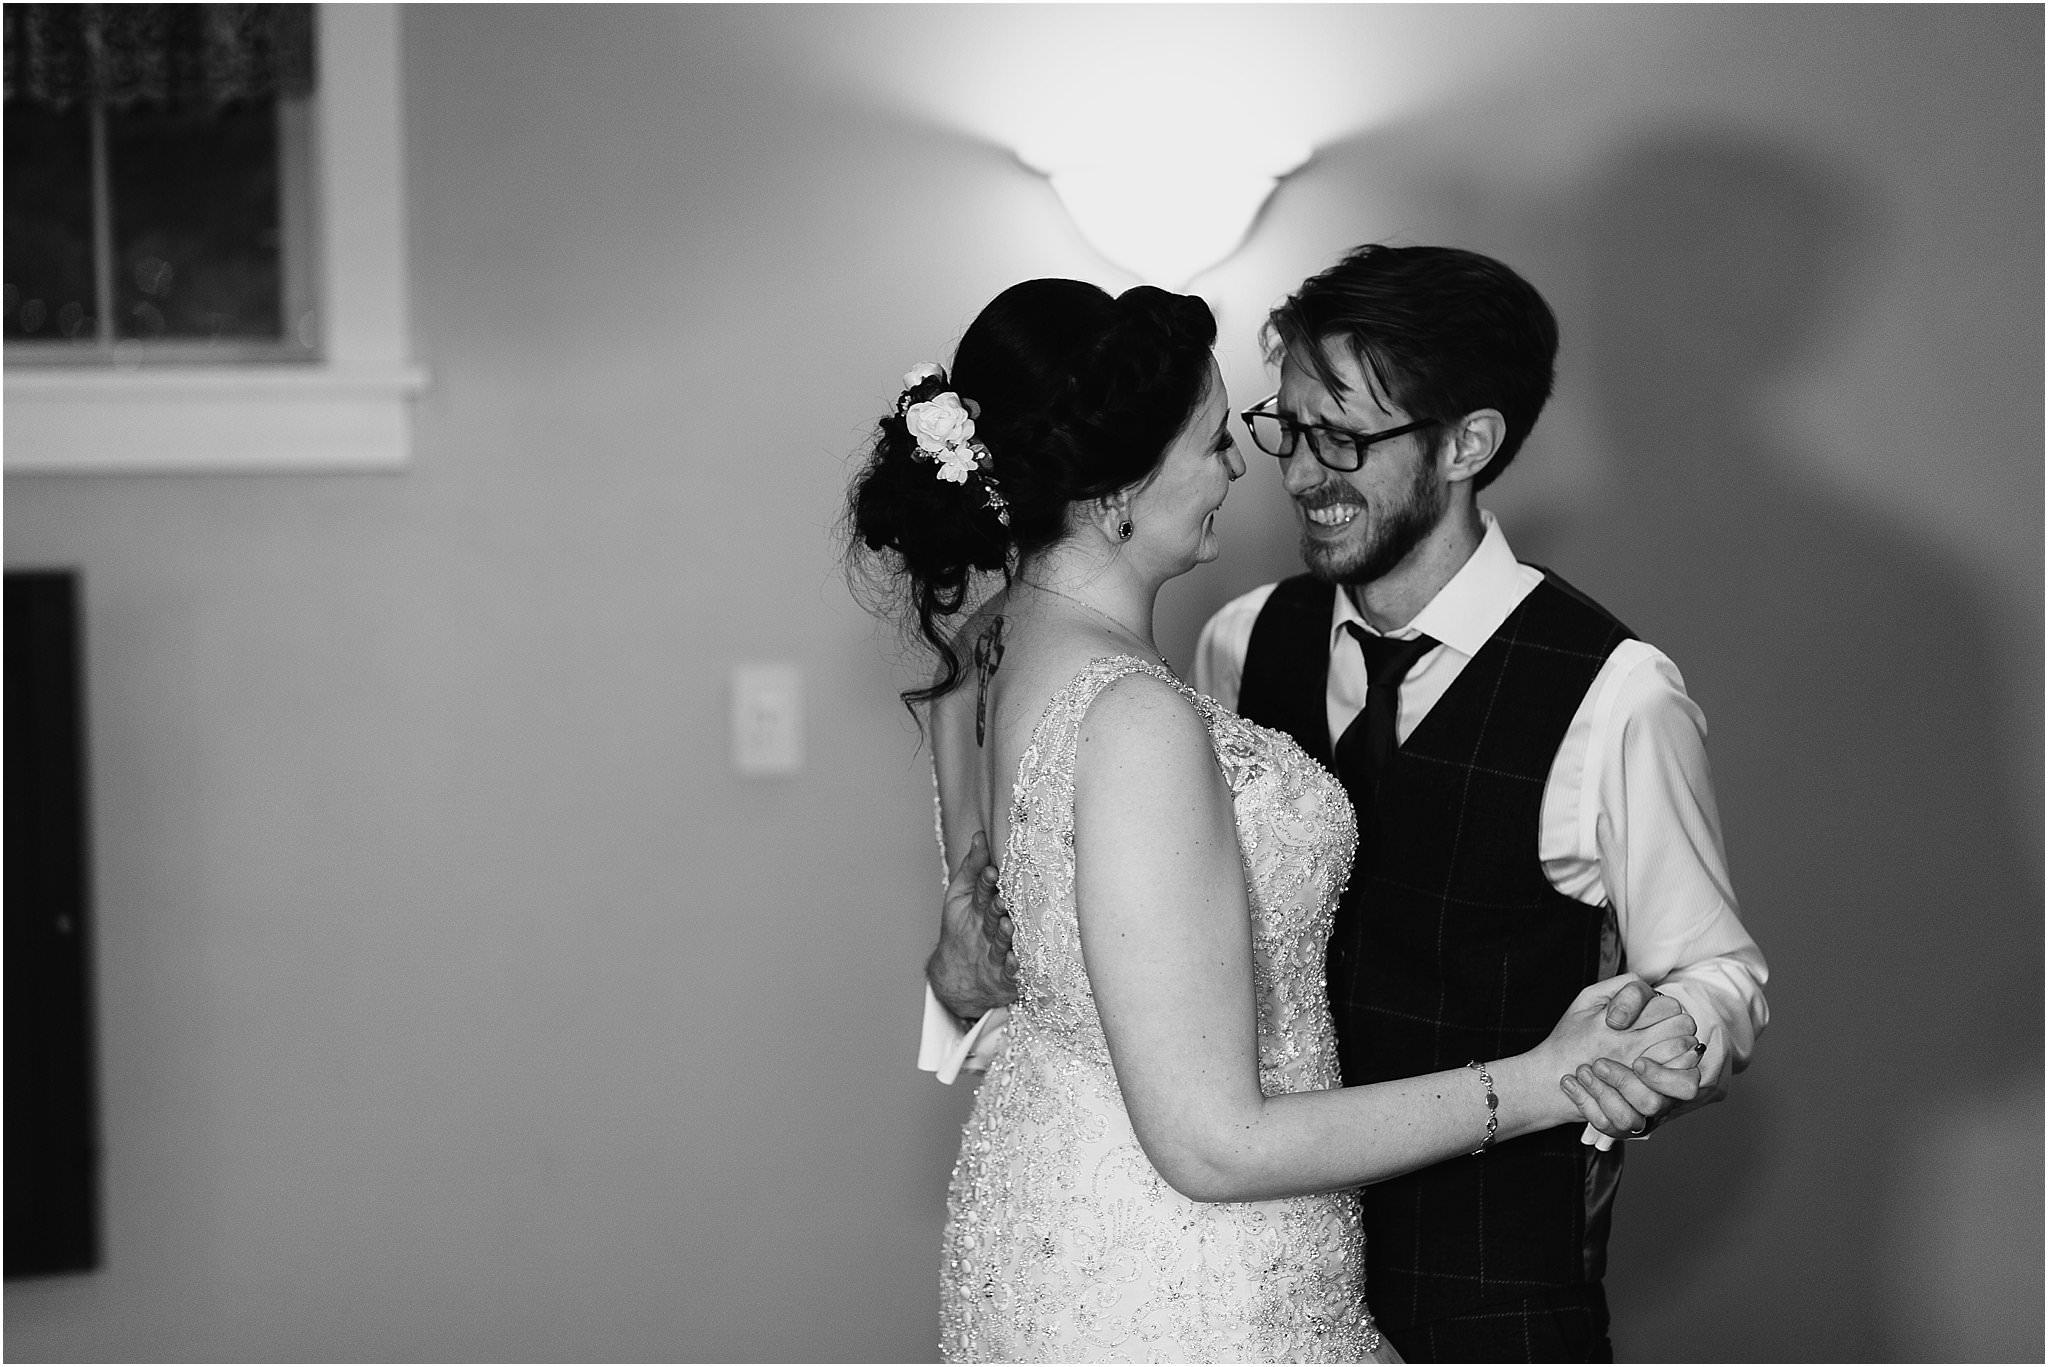 sarah-and-daves-downtown-snohomish-wedding-32.jpg